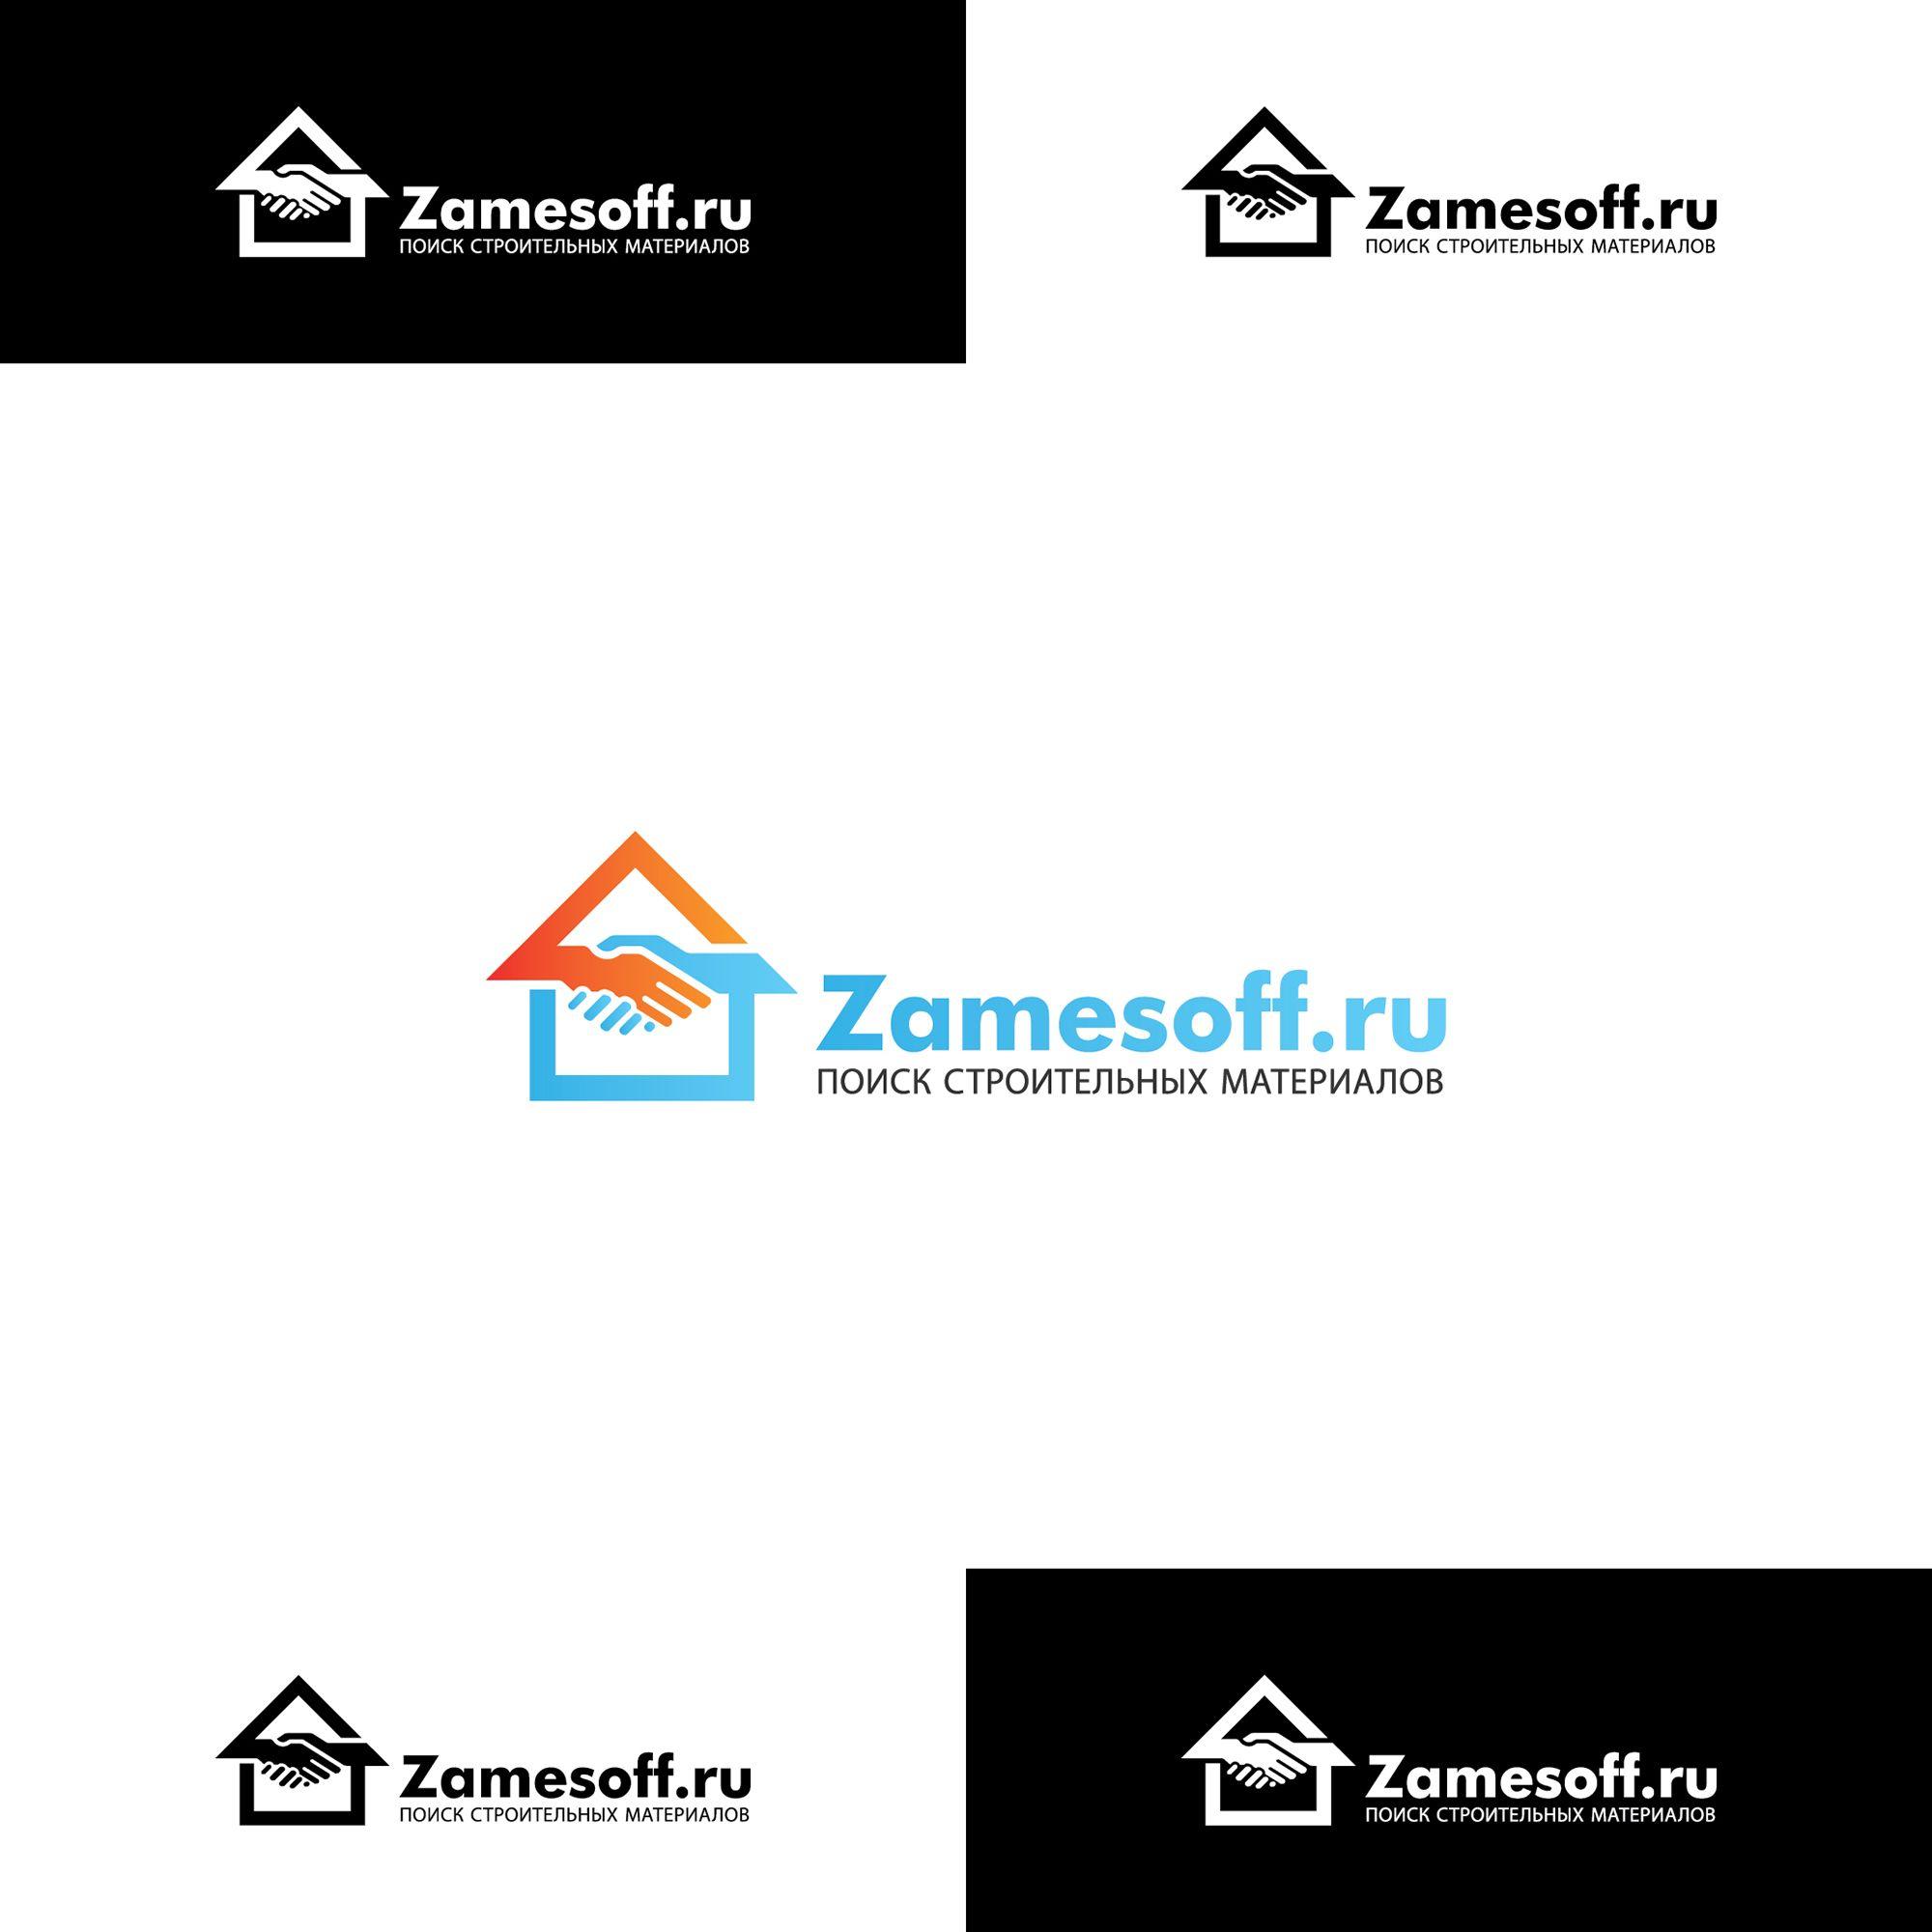 Лого для сервиса по поиску строительных материалов - дизайнер vadimsoloviev